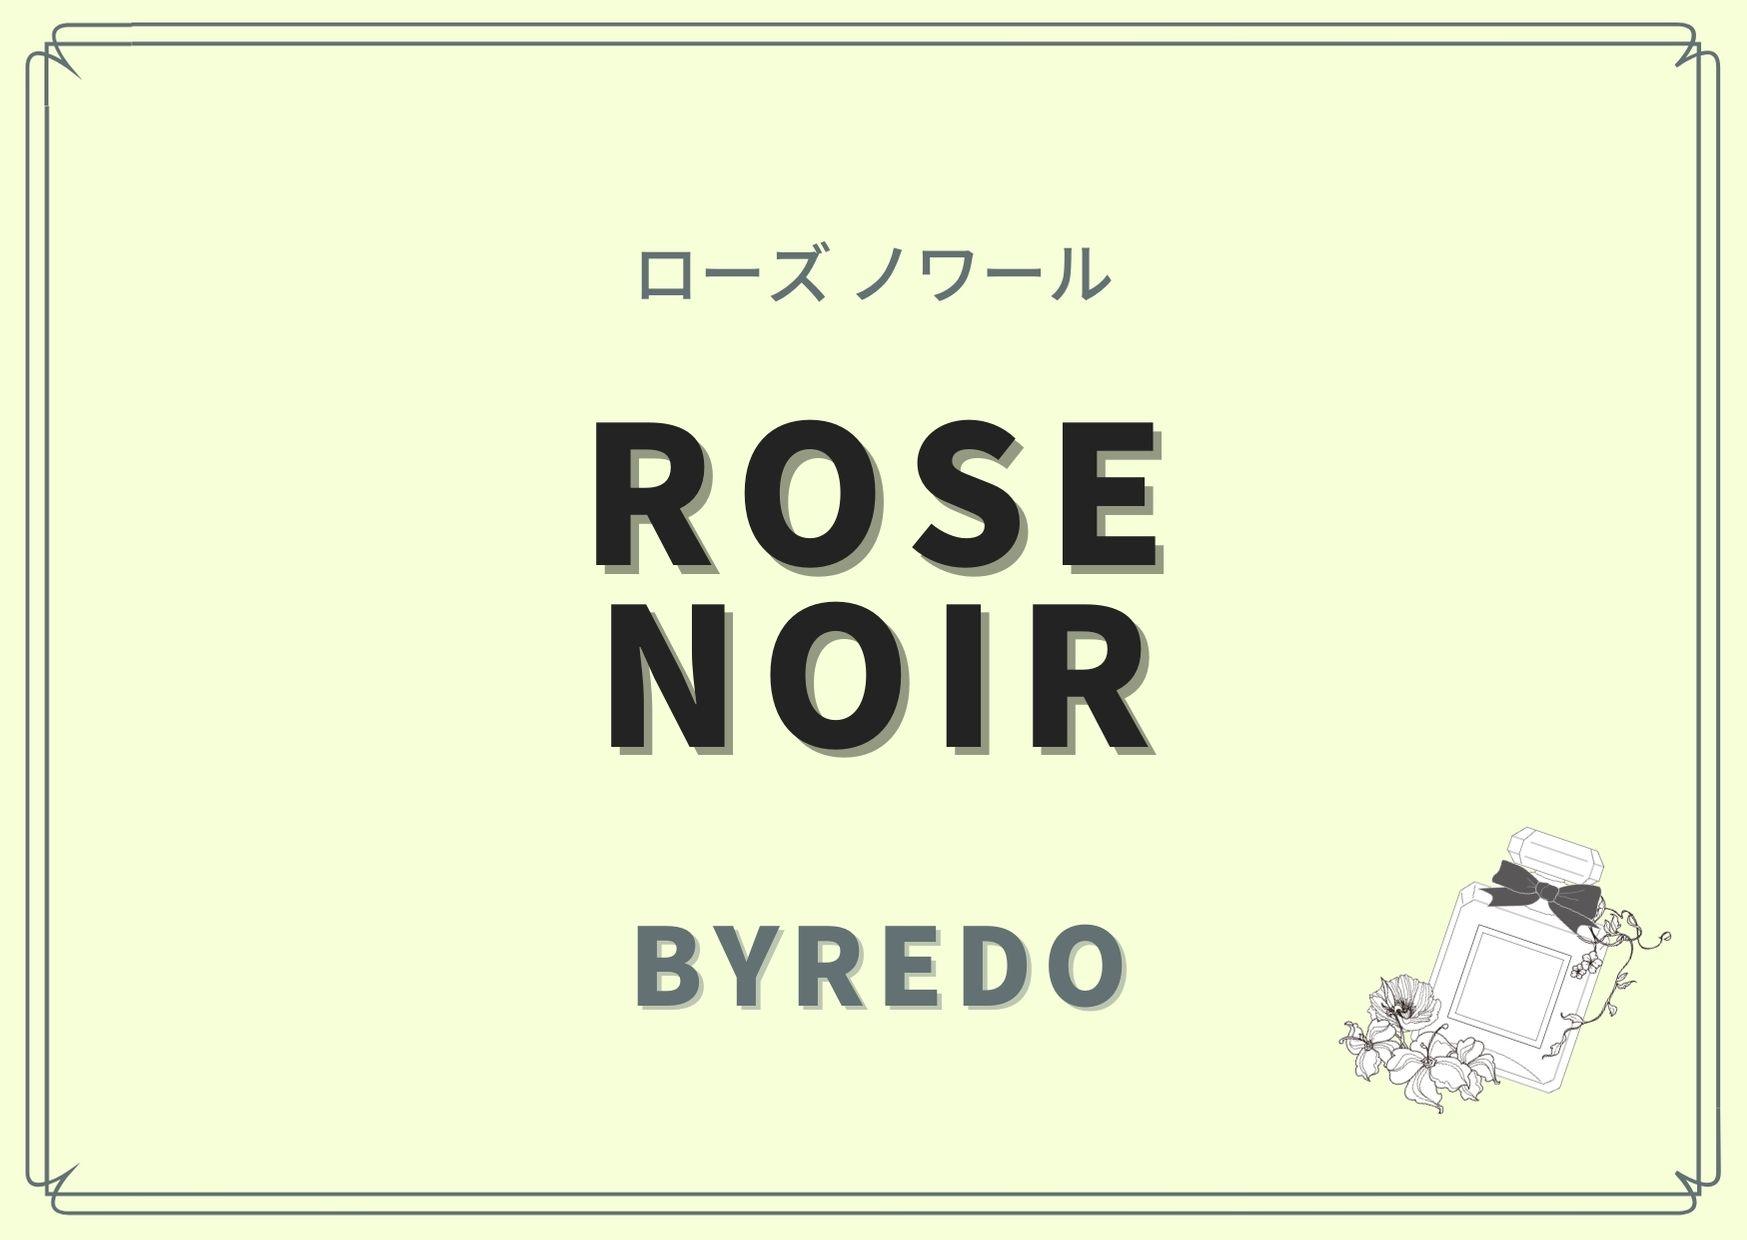 ROSE NOIR(ローズ ノワール)/ BYREDO(バイレード)